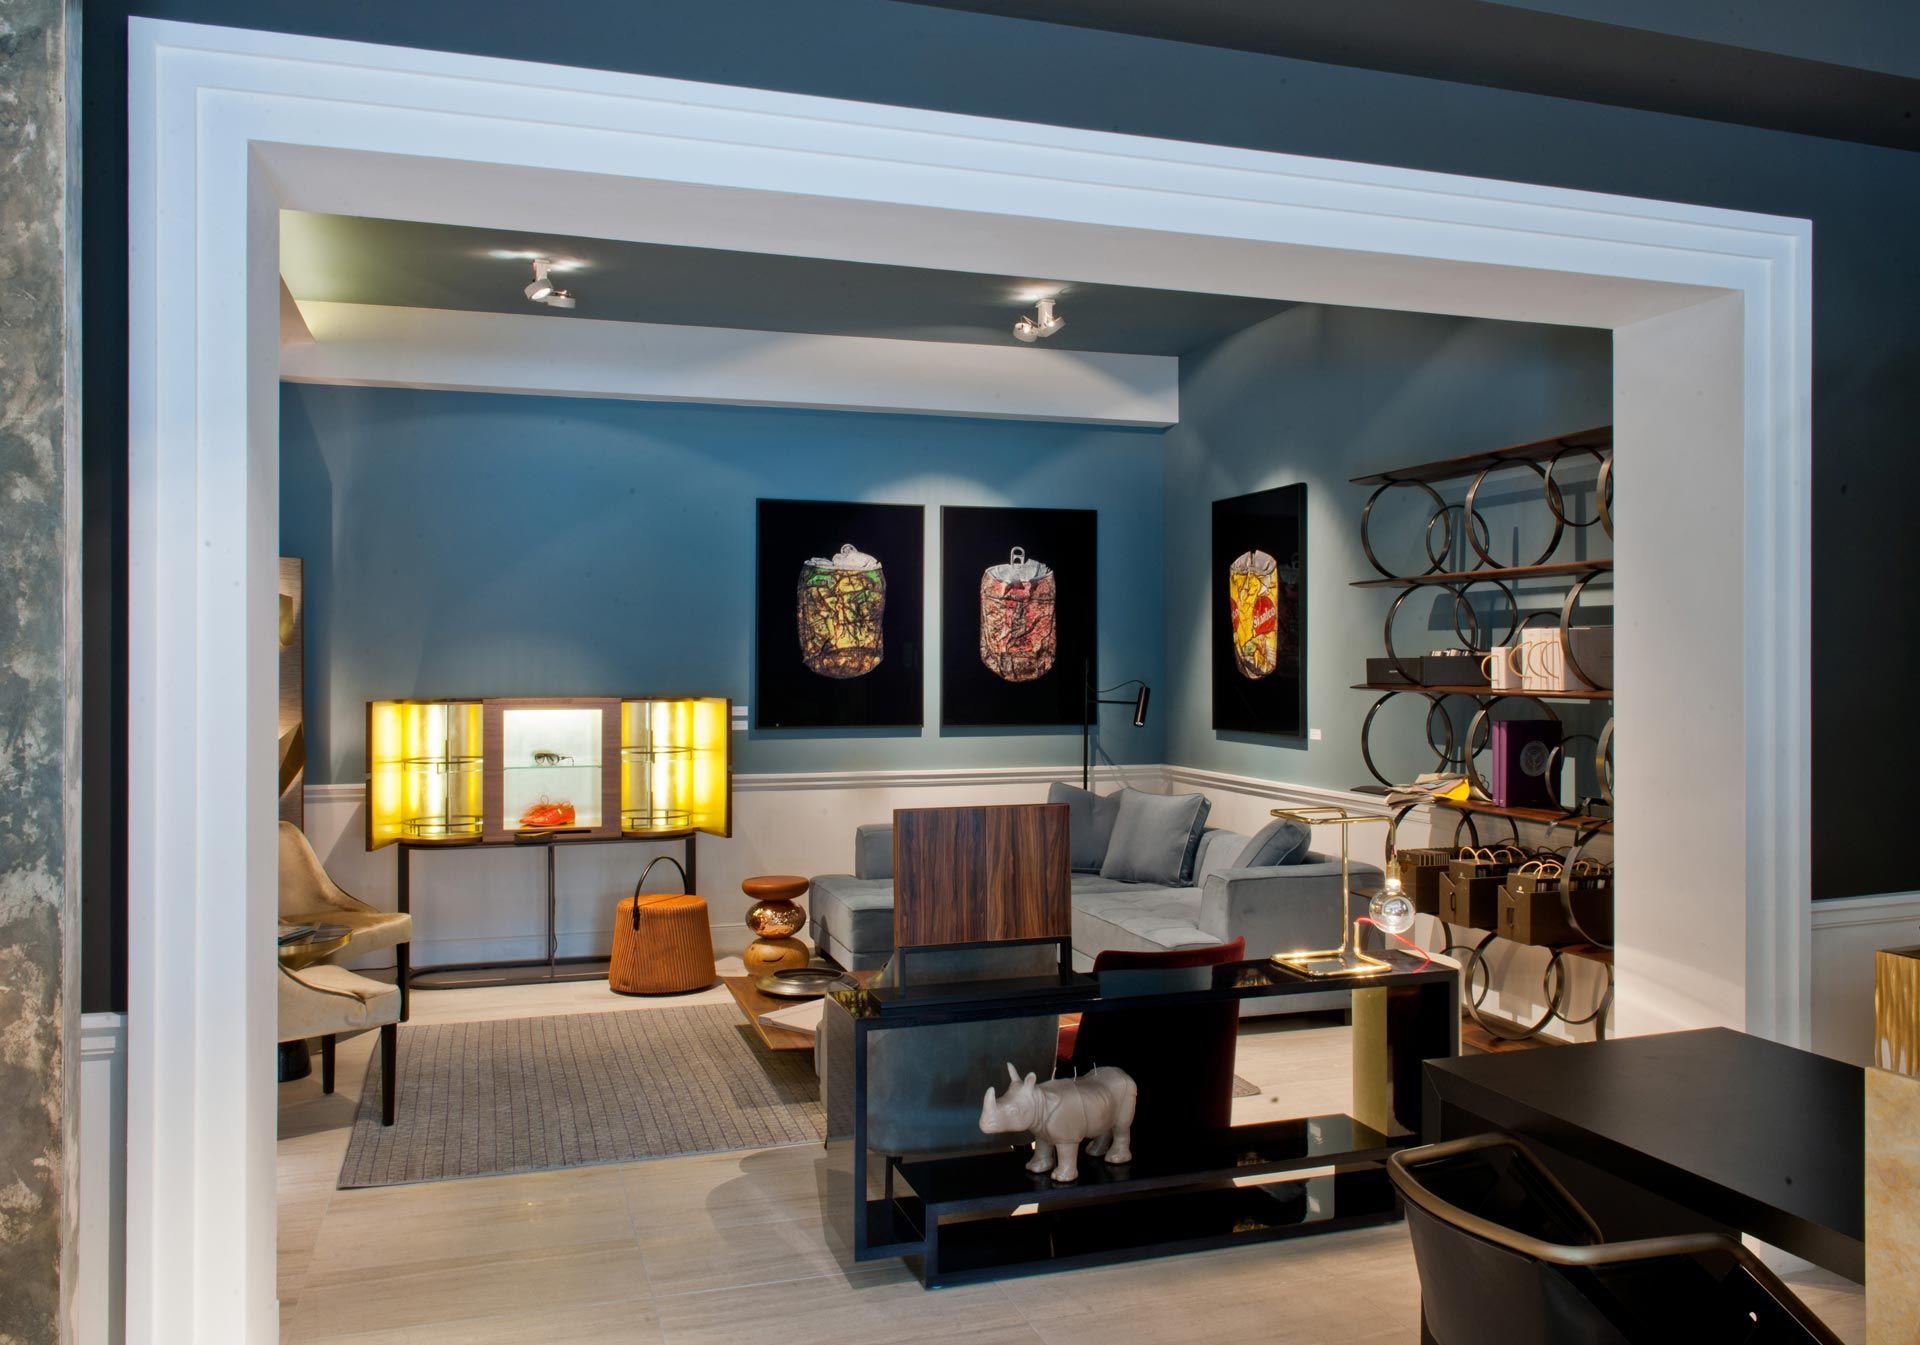 Amüsant Einrichtungsideen Wohnzimmer Galerie Von K&h Interior Showroom   Wunderschöne Ideen Und